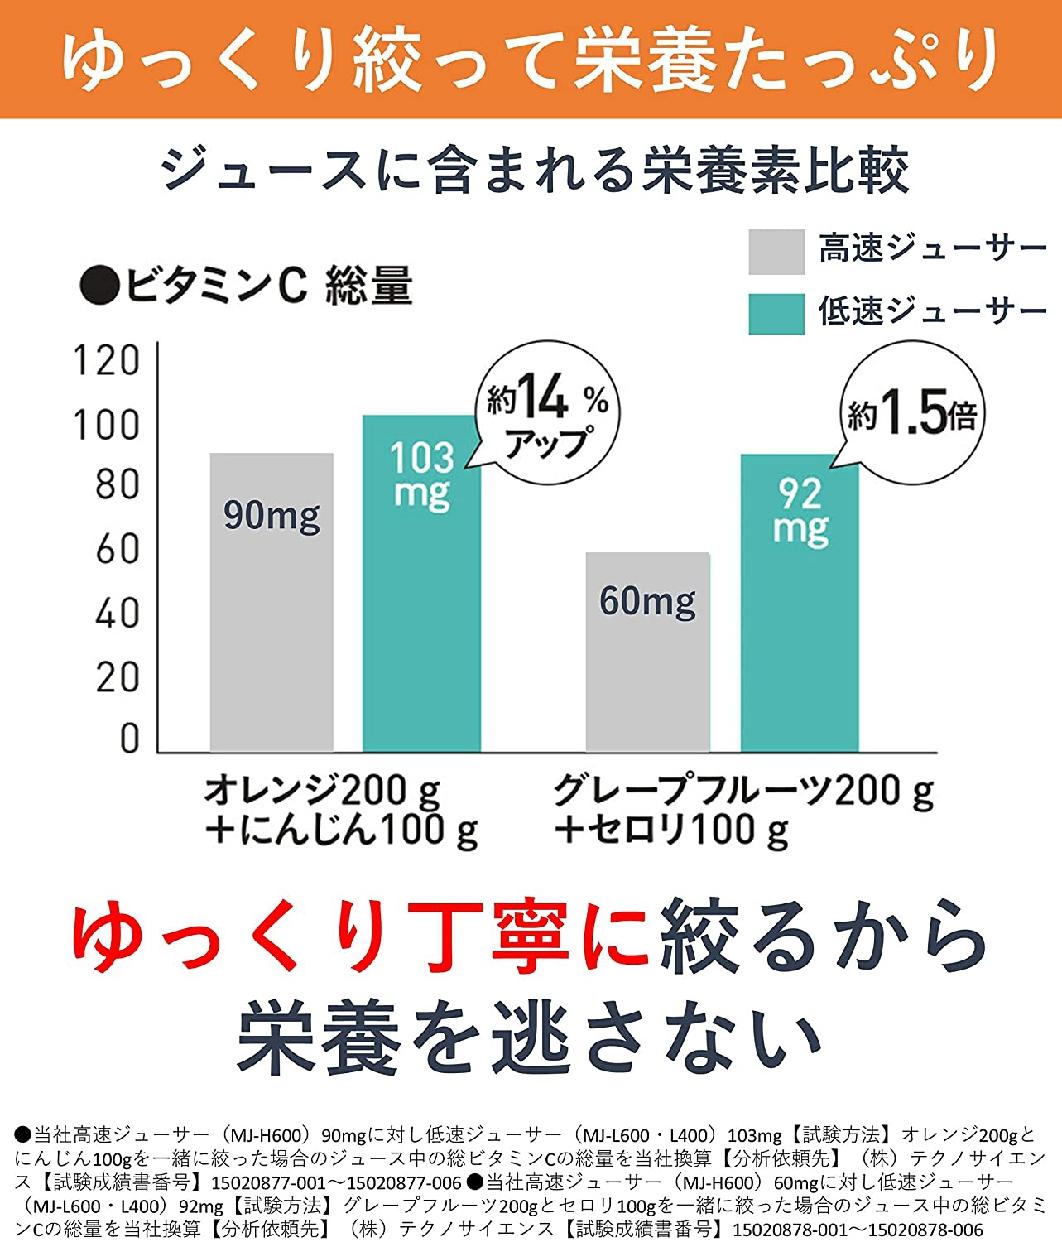 Panasonic(パナソニック) ビタミンサーバー 低速ジューサー MJ-L400の商品画像4